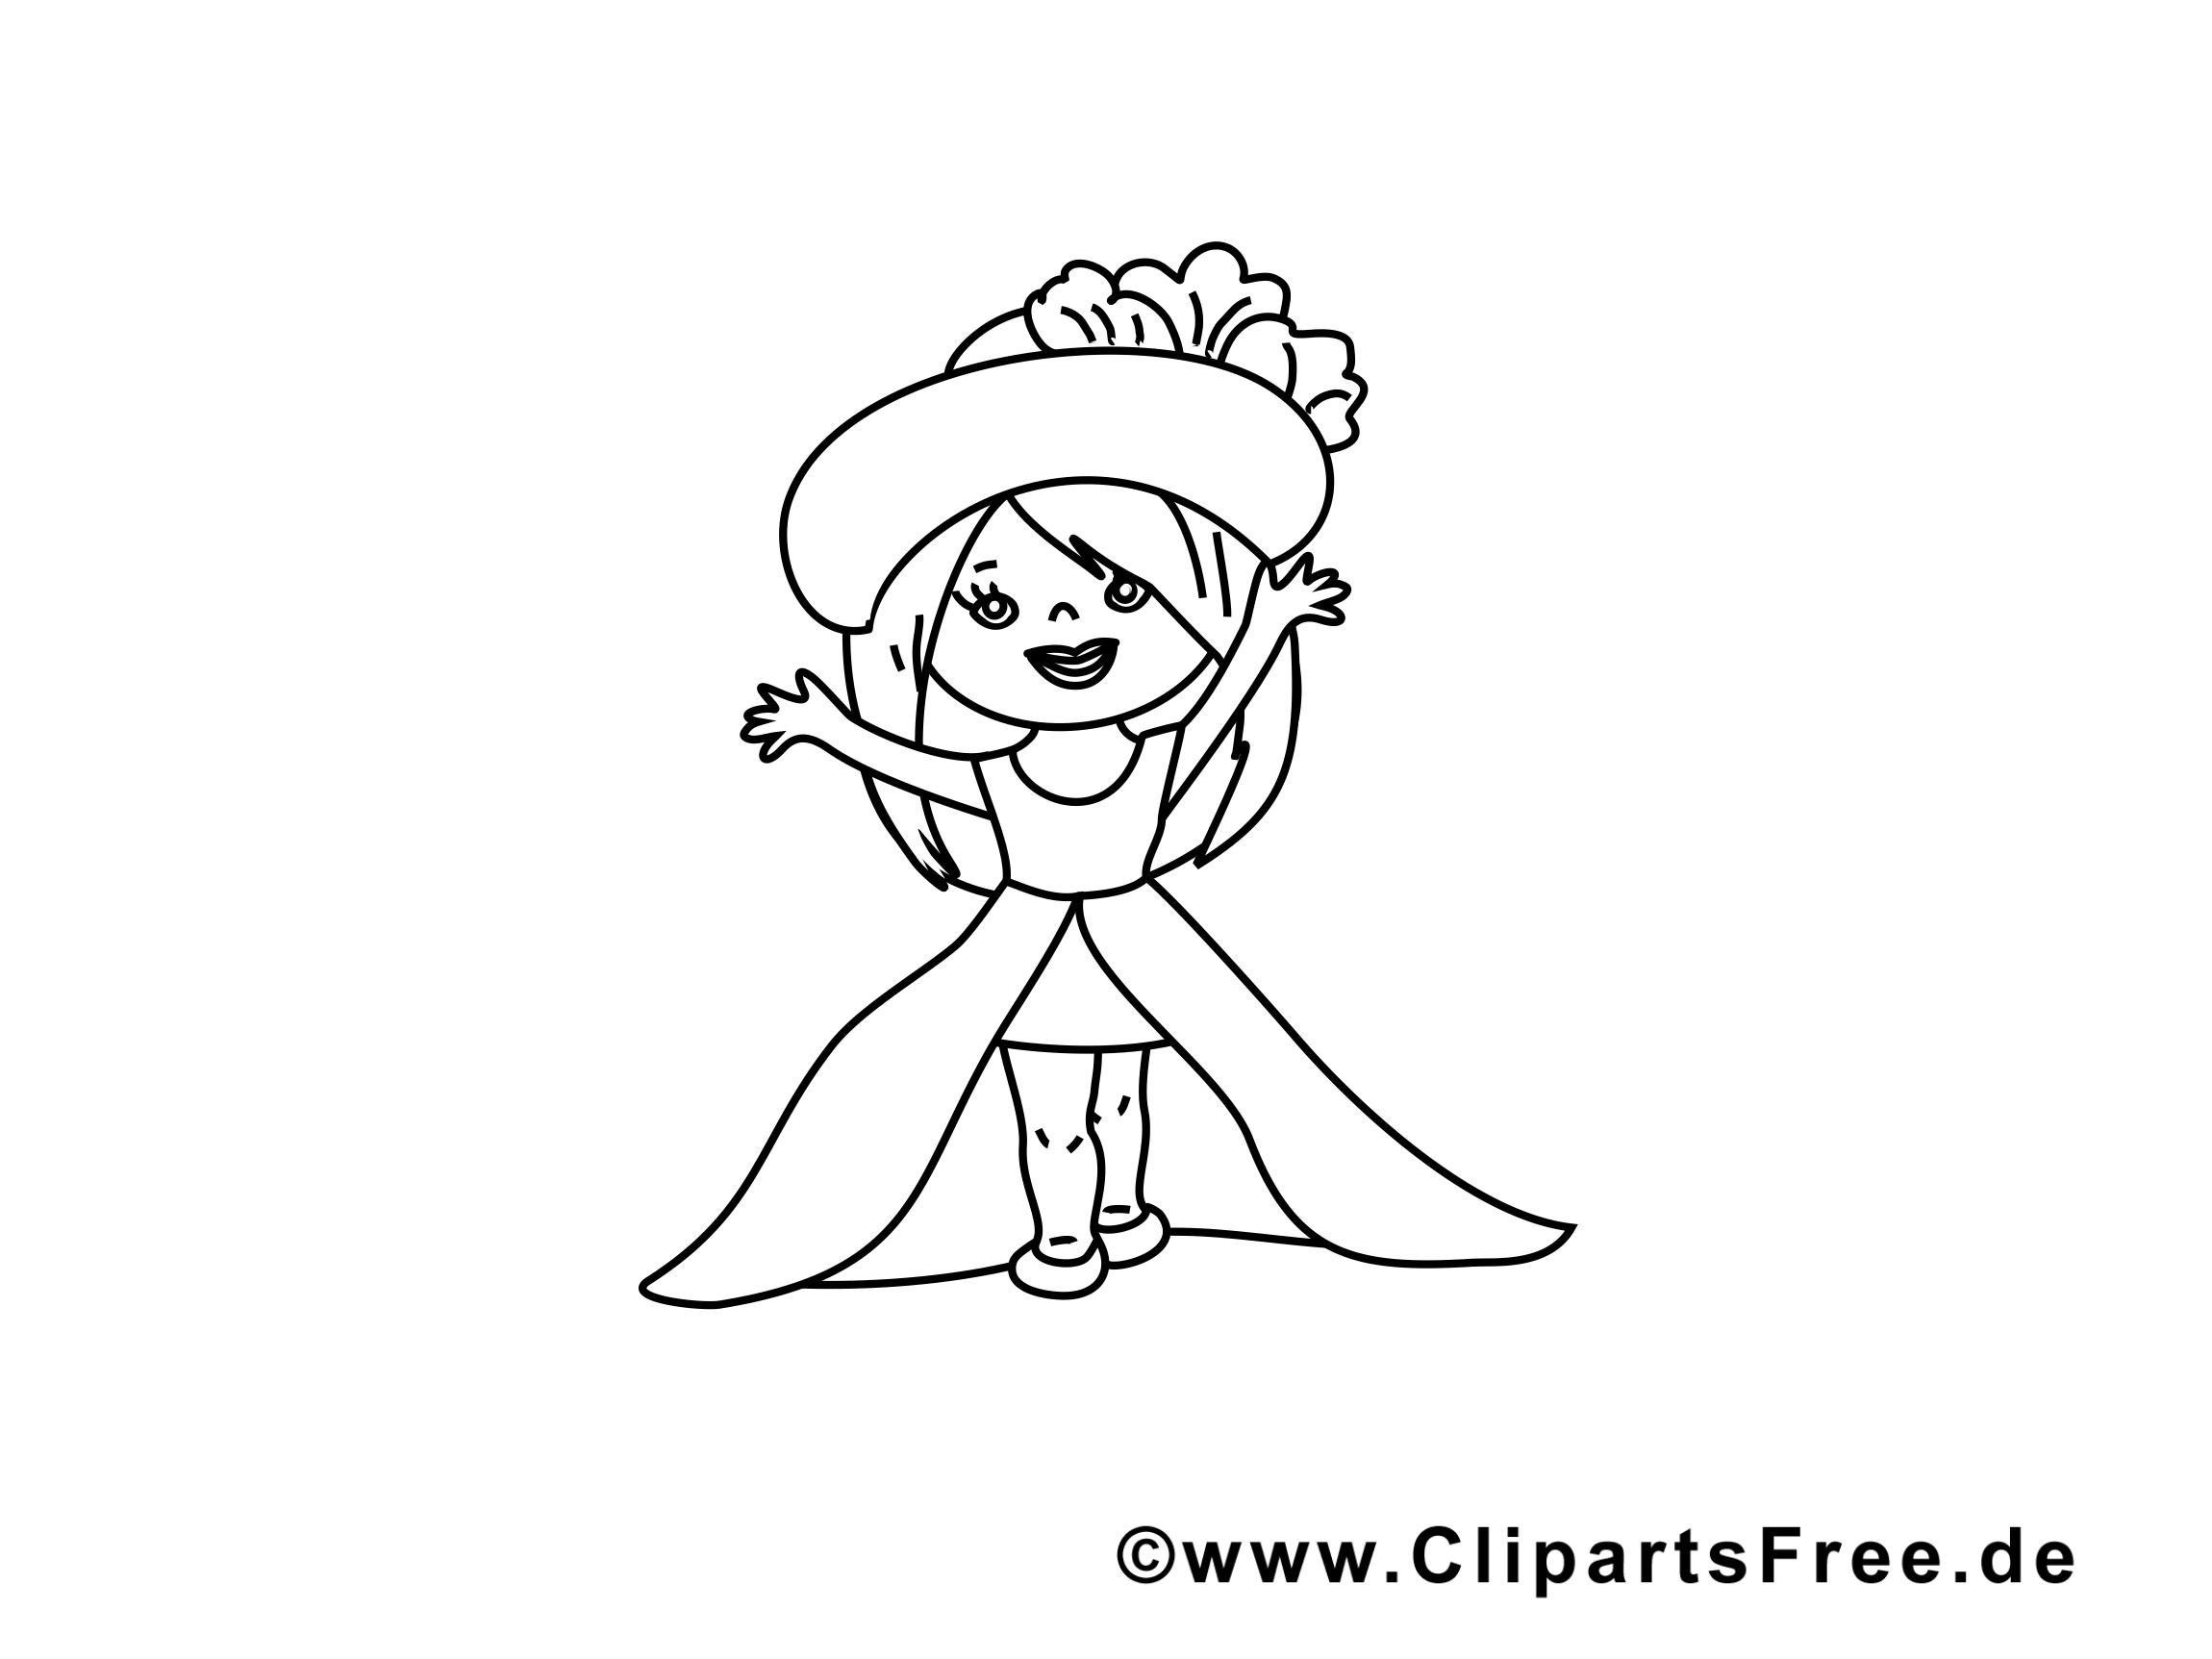 Princesse illustration – Fille à imprimer